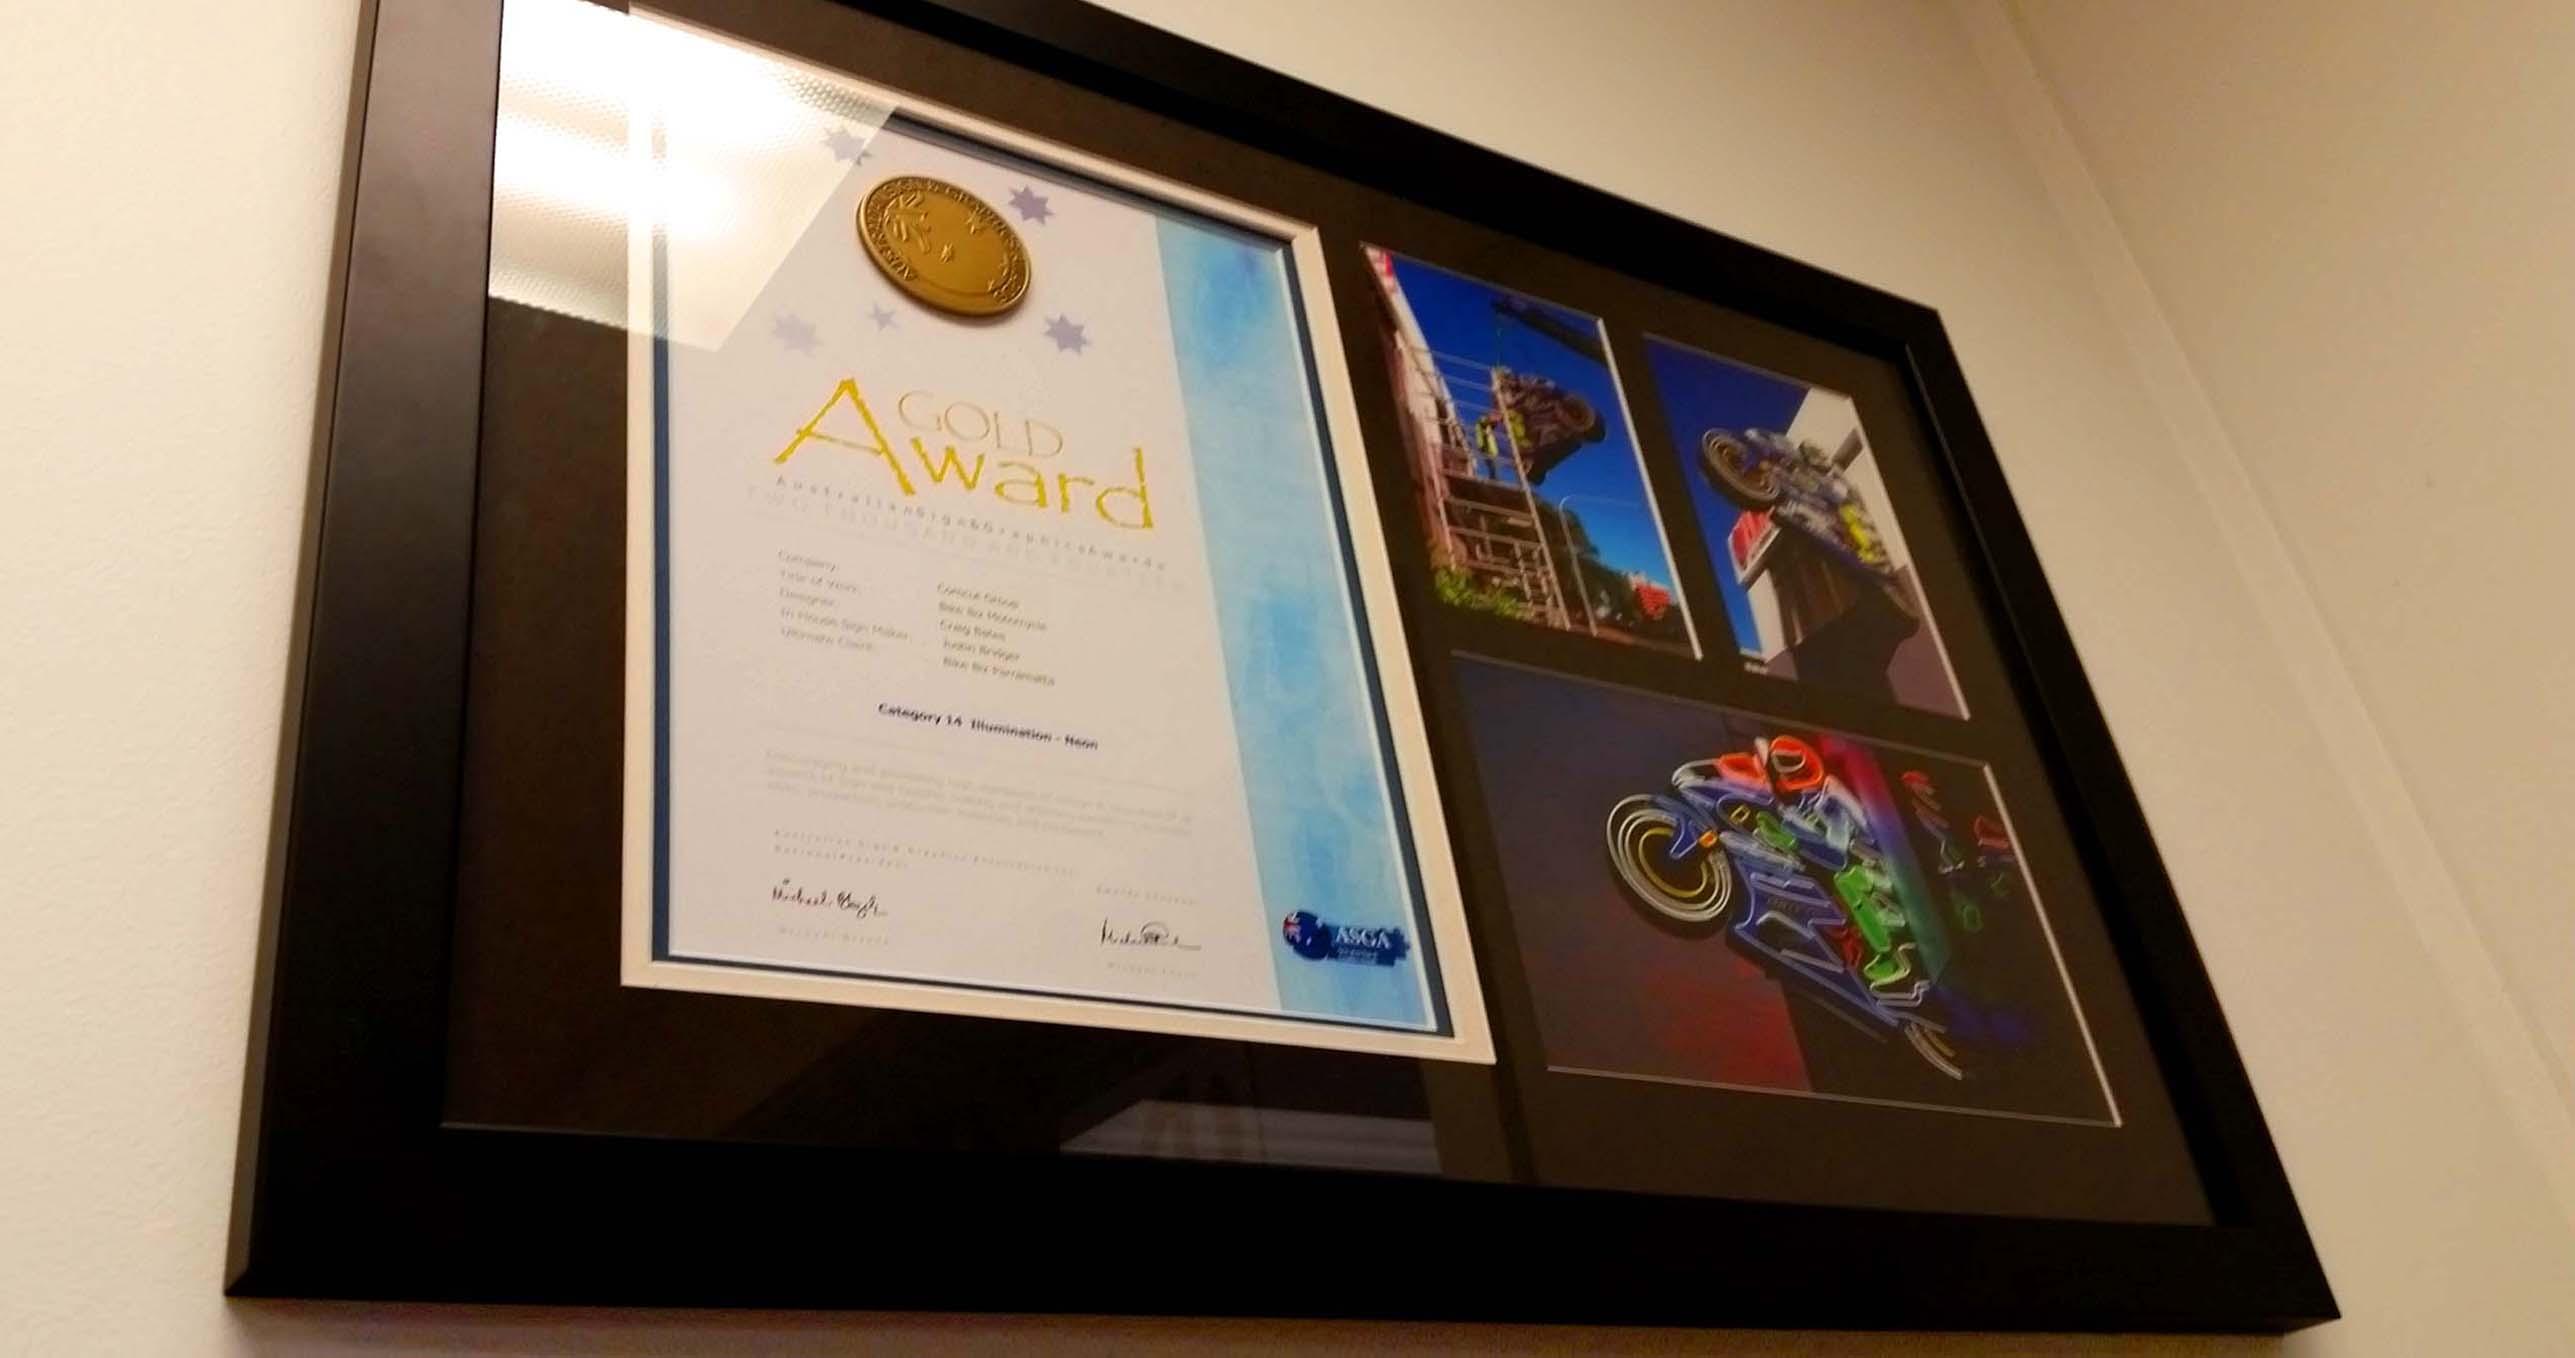 2-Gold-award-frame